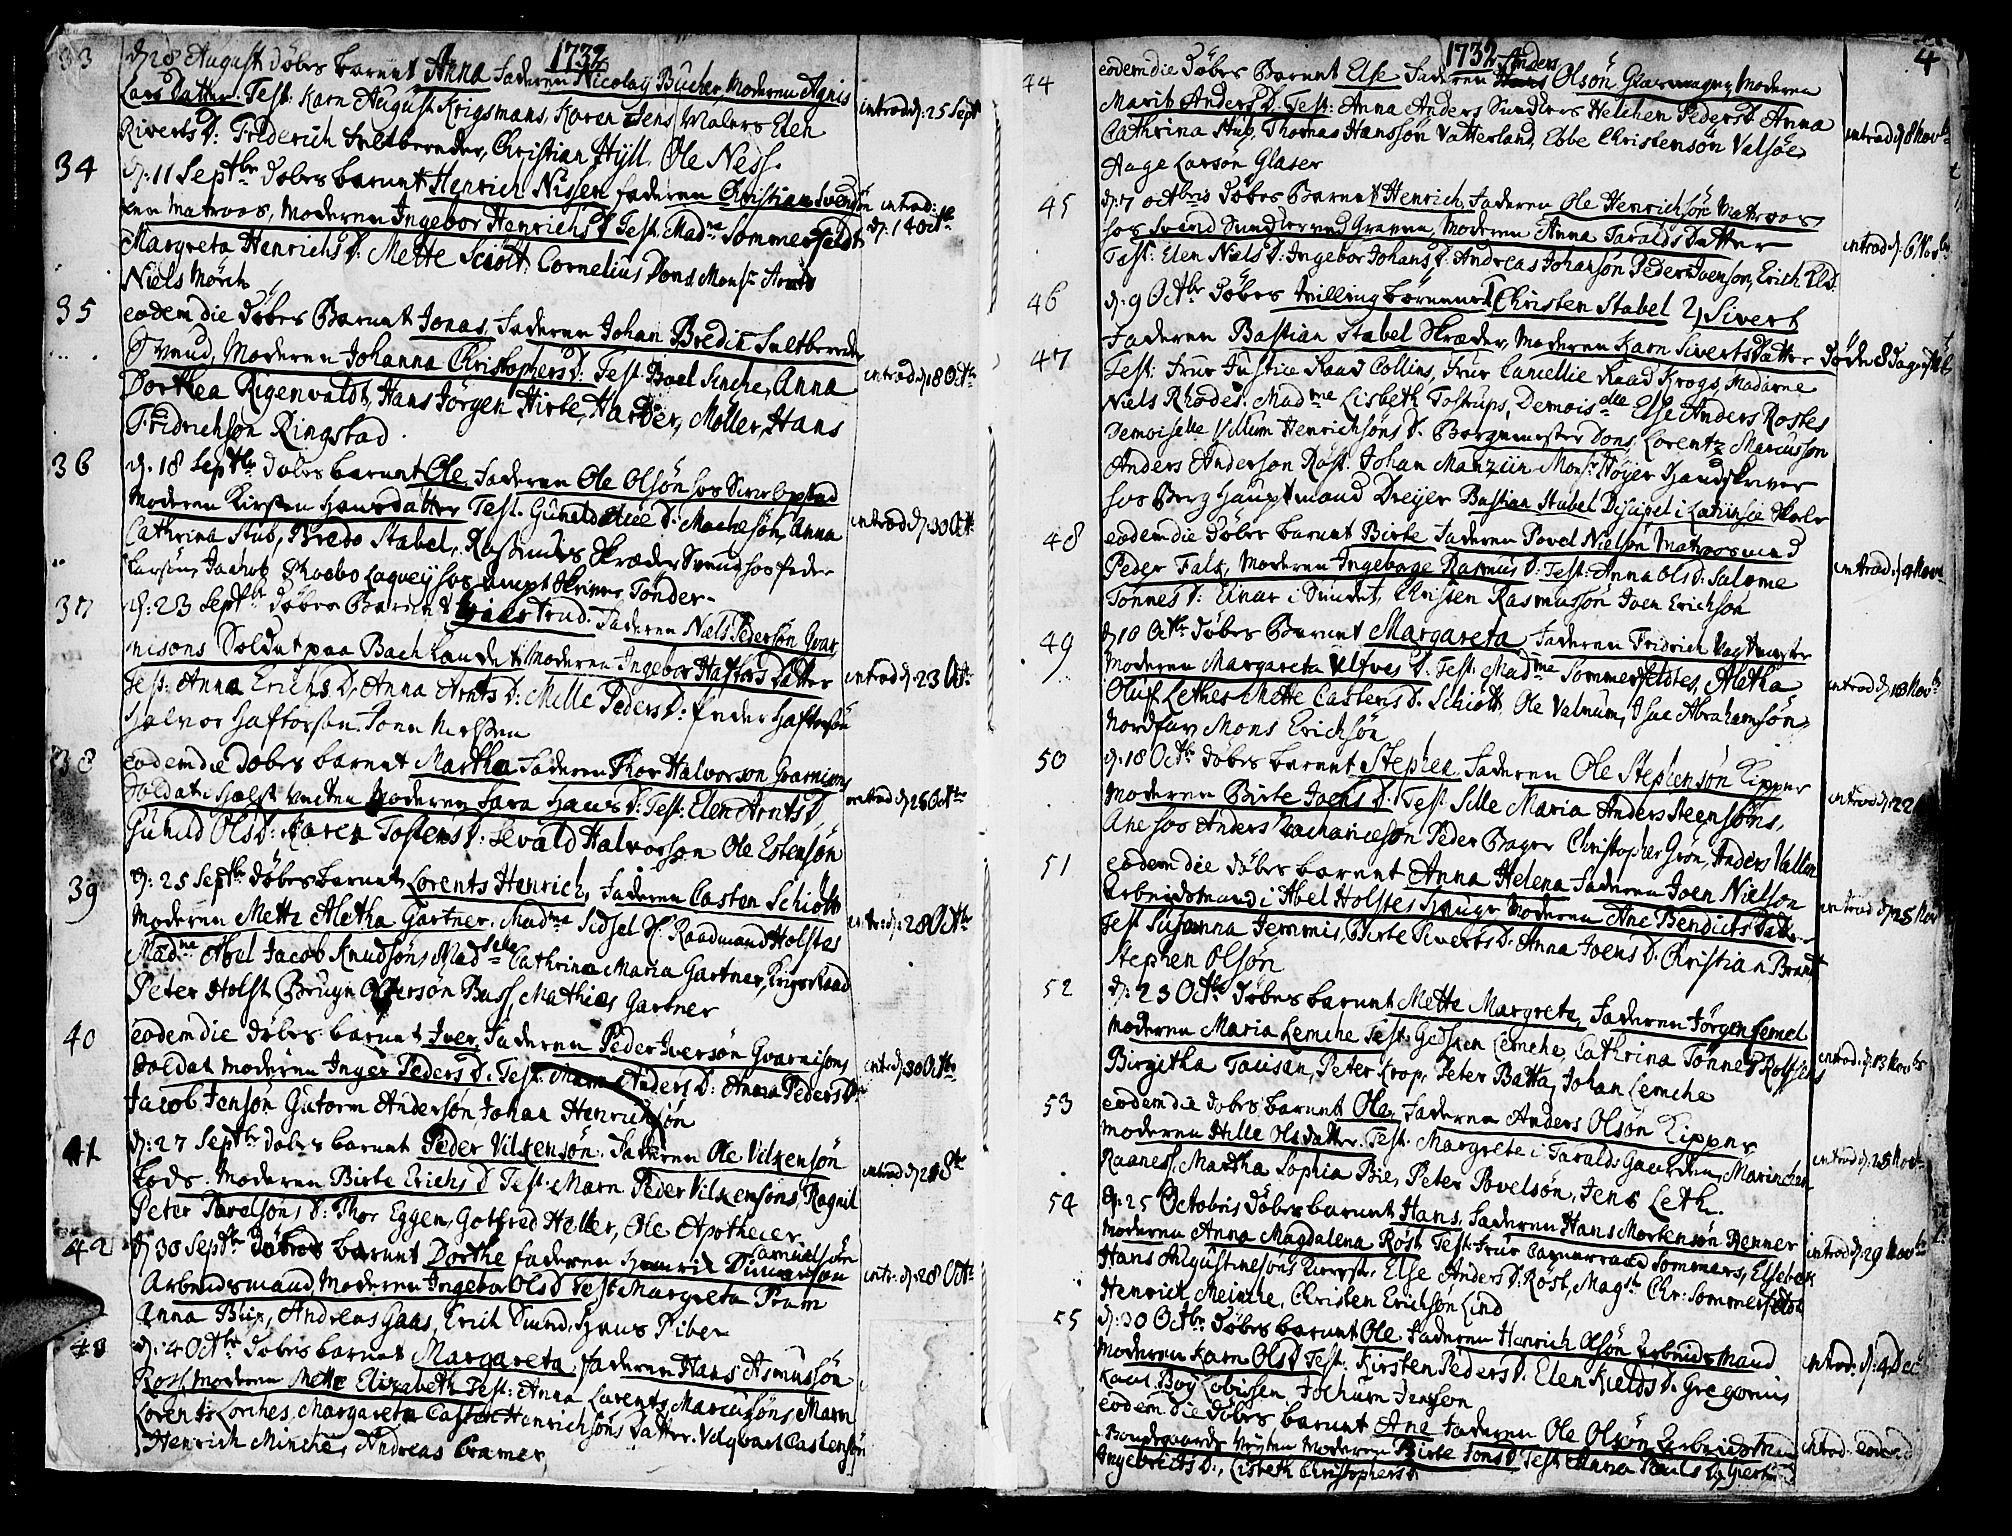 SAT, Ministerialprotokoller, klokkerbøker og fødselsregistre - Sør-Trøndelag, 602/L0103: Ministerialbok nr. 602A01, 1732-1774, s. 4